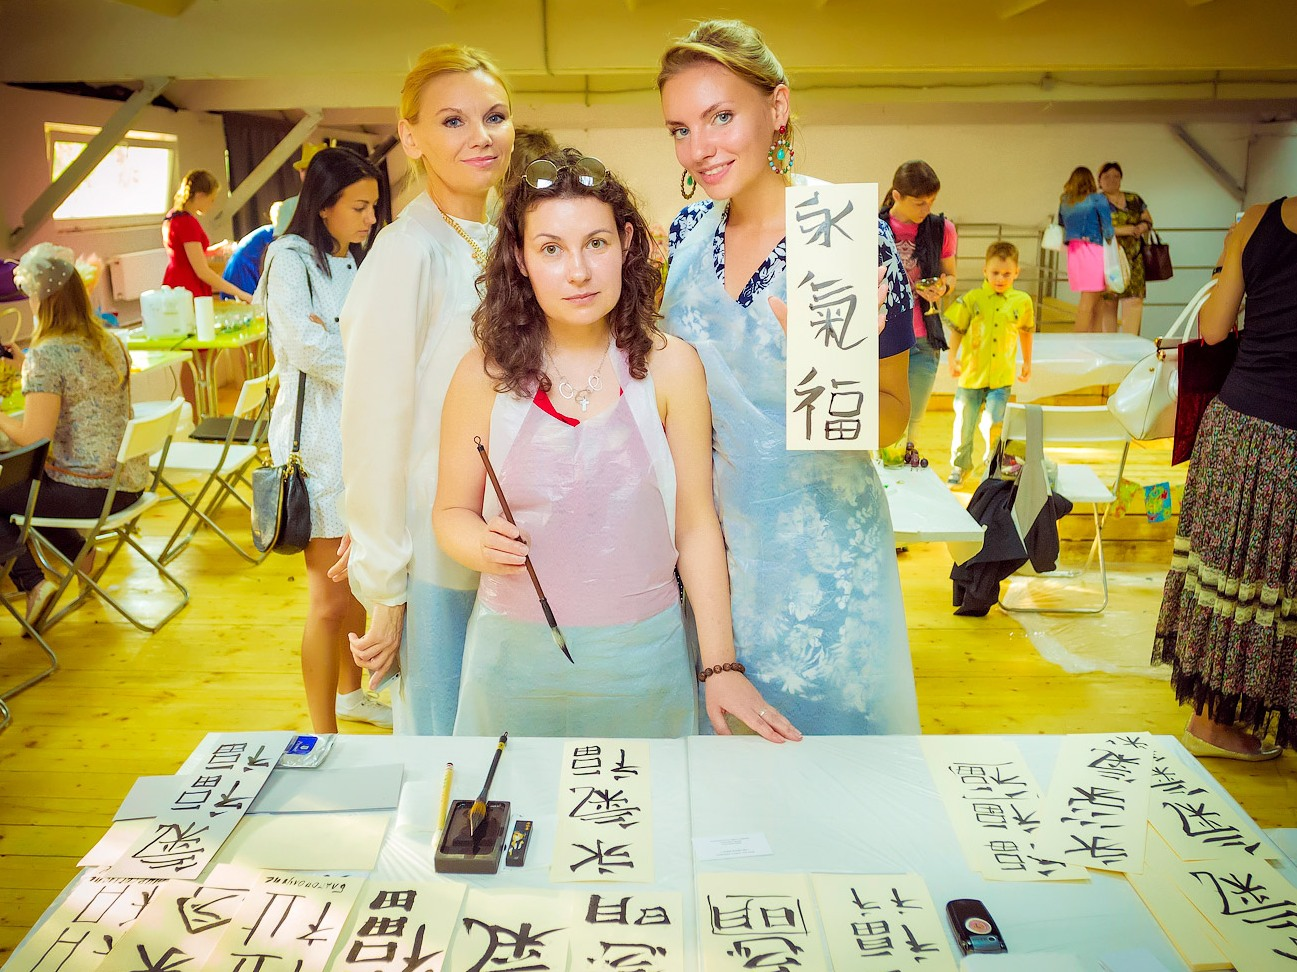 Мастер-класс по каллиграфии, японской живописи, иероглифам